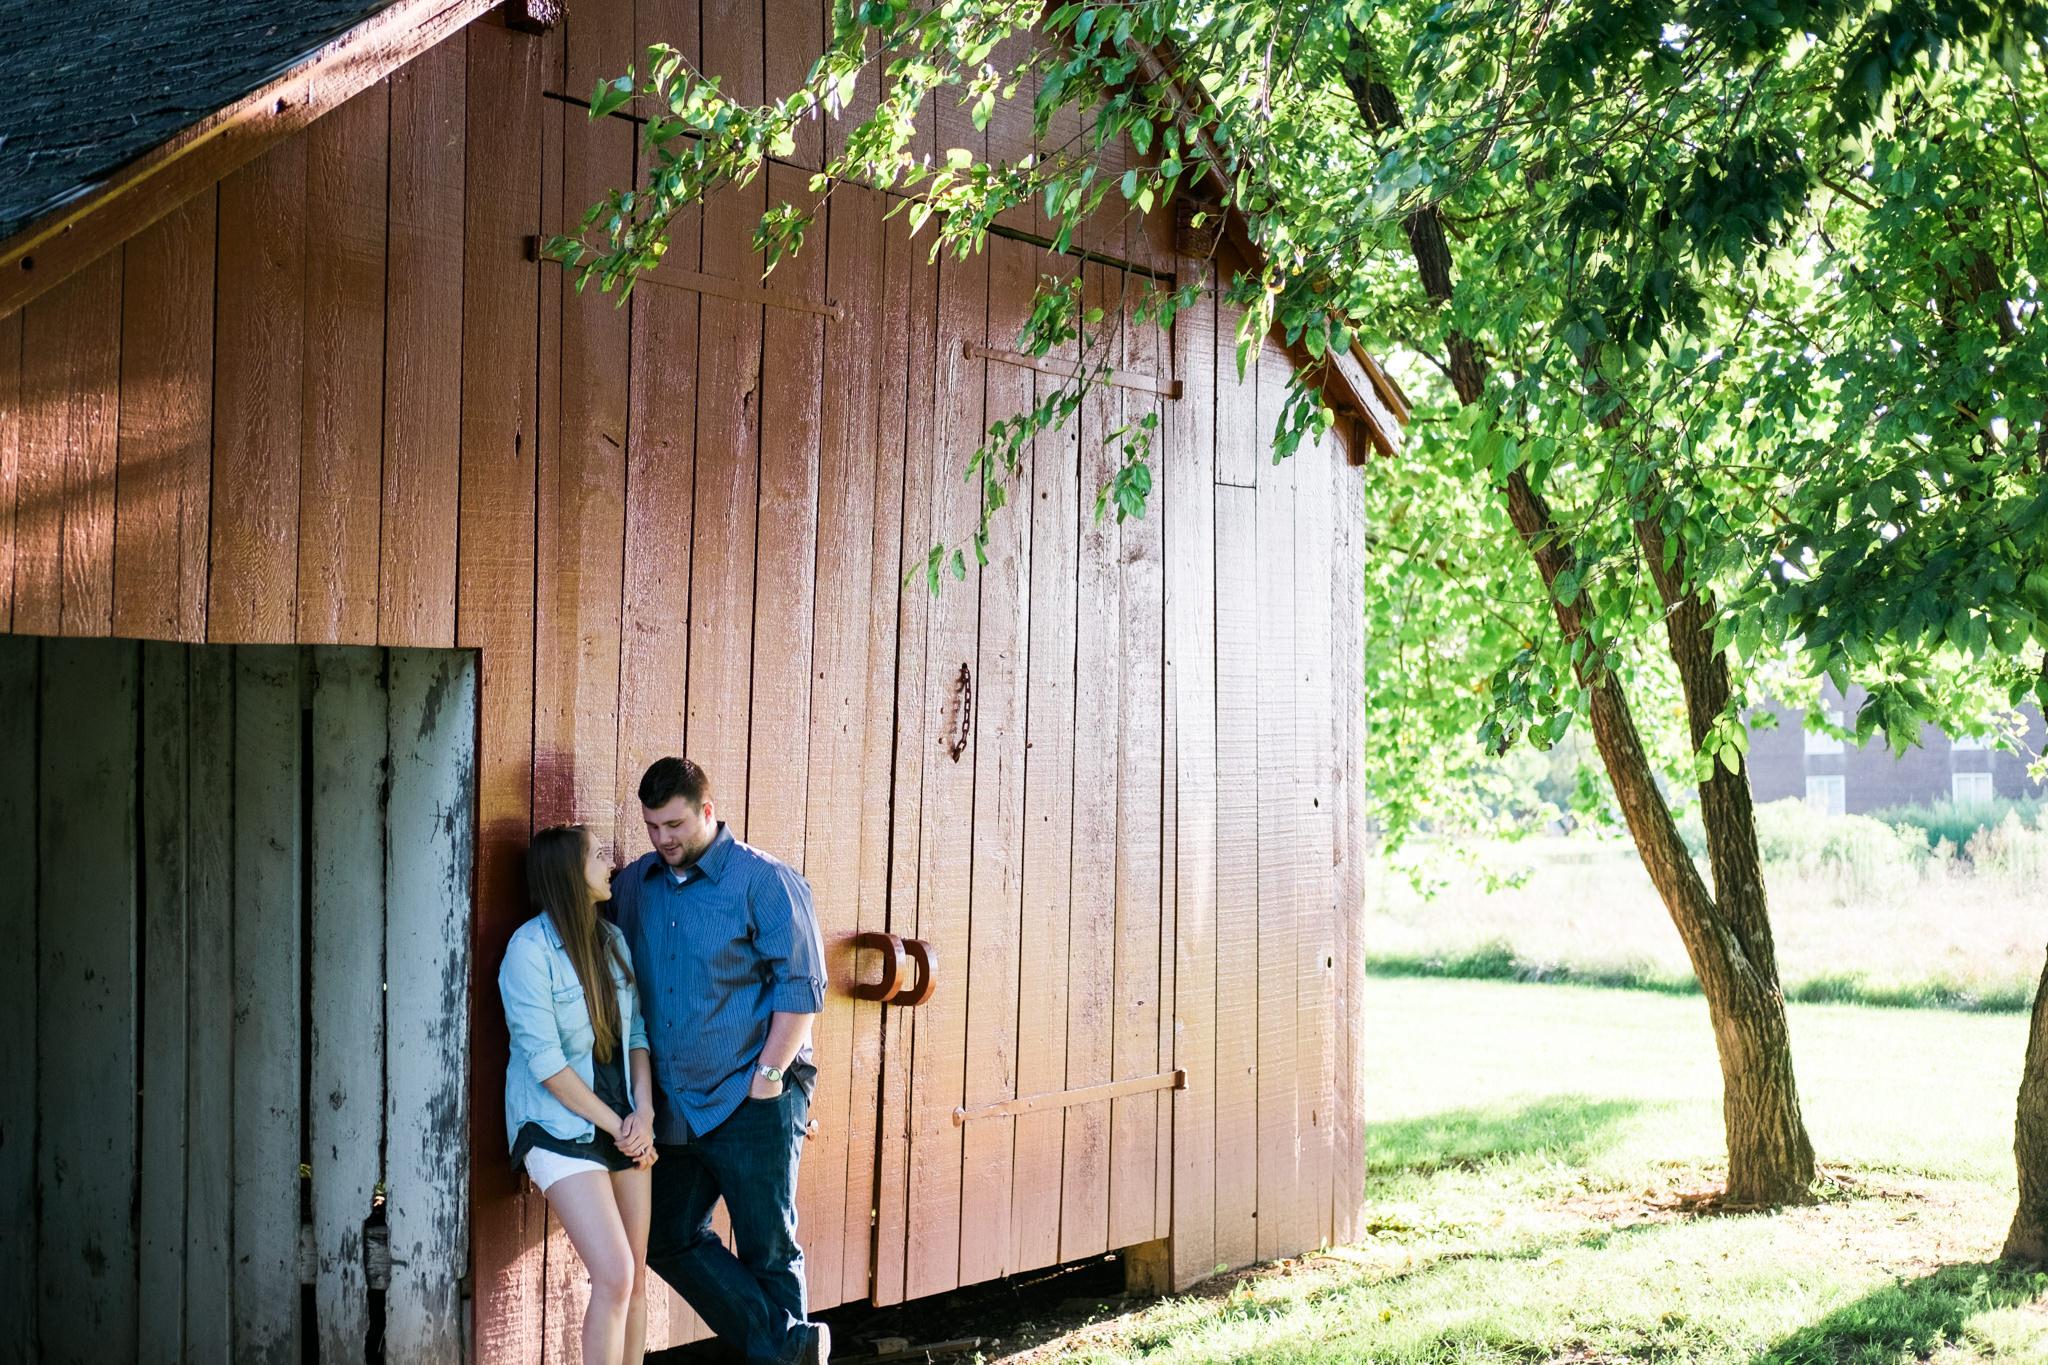 Callie&Dustin_Engagement_Blog_0001.jpg